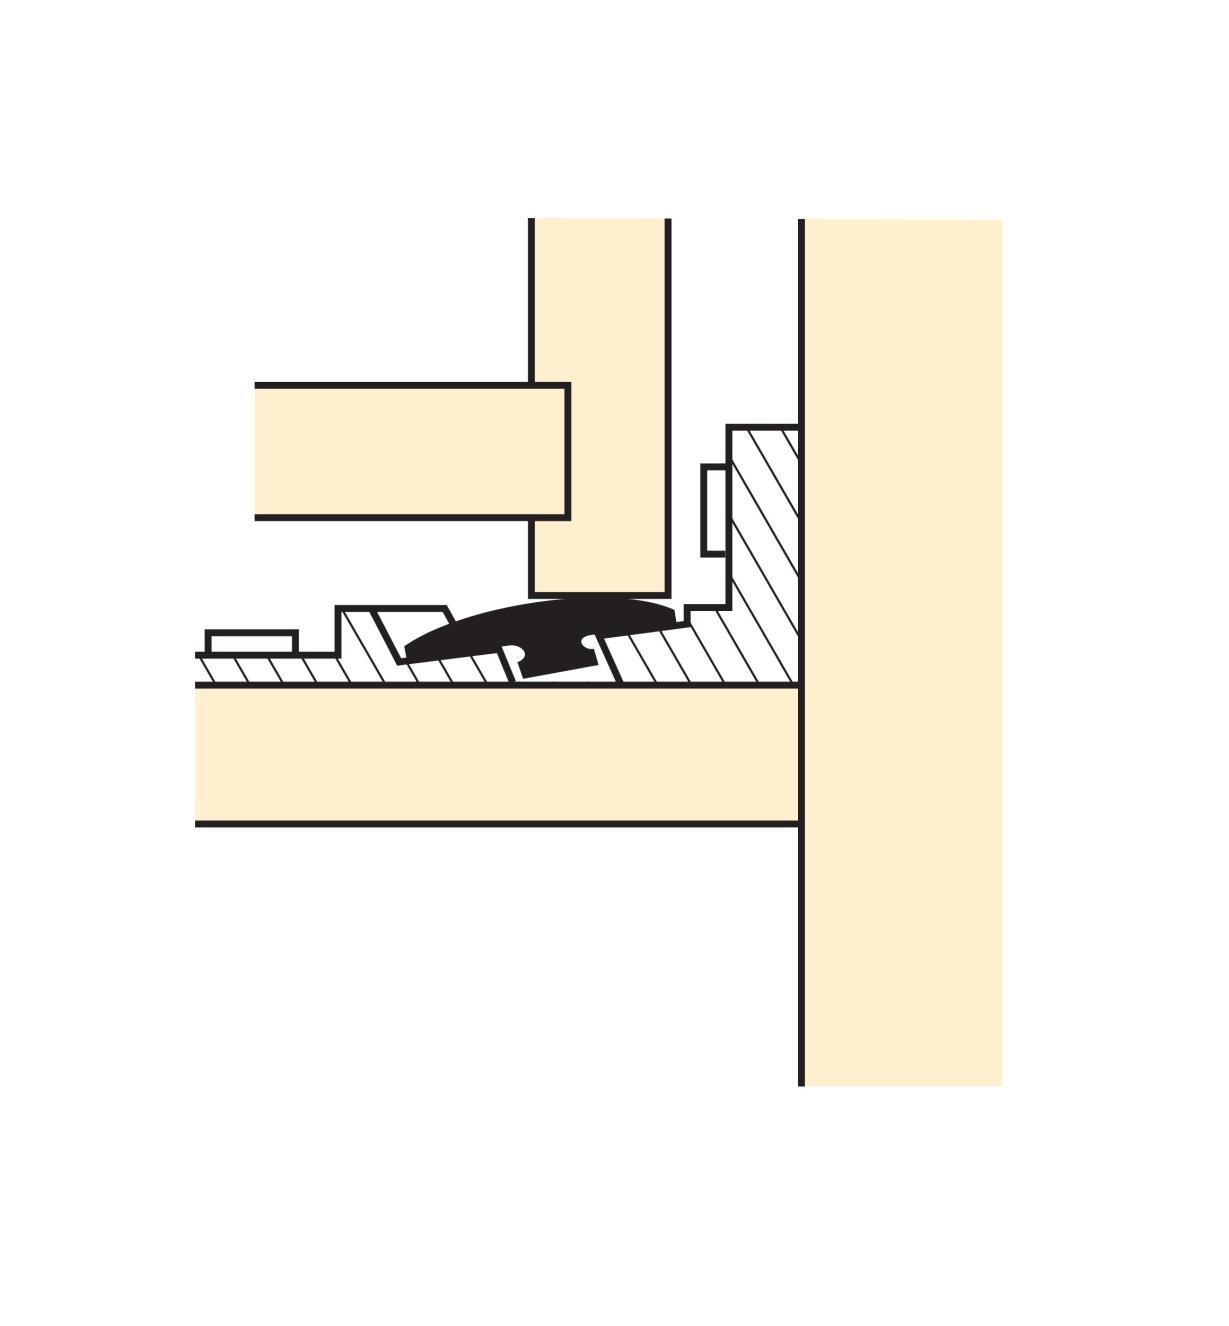 Illustration of disc roller installed under the corner of a drawer